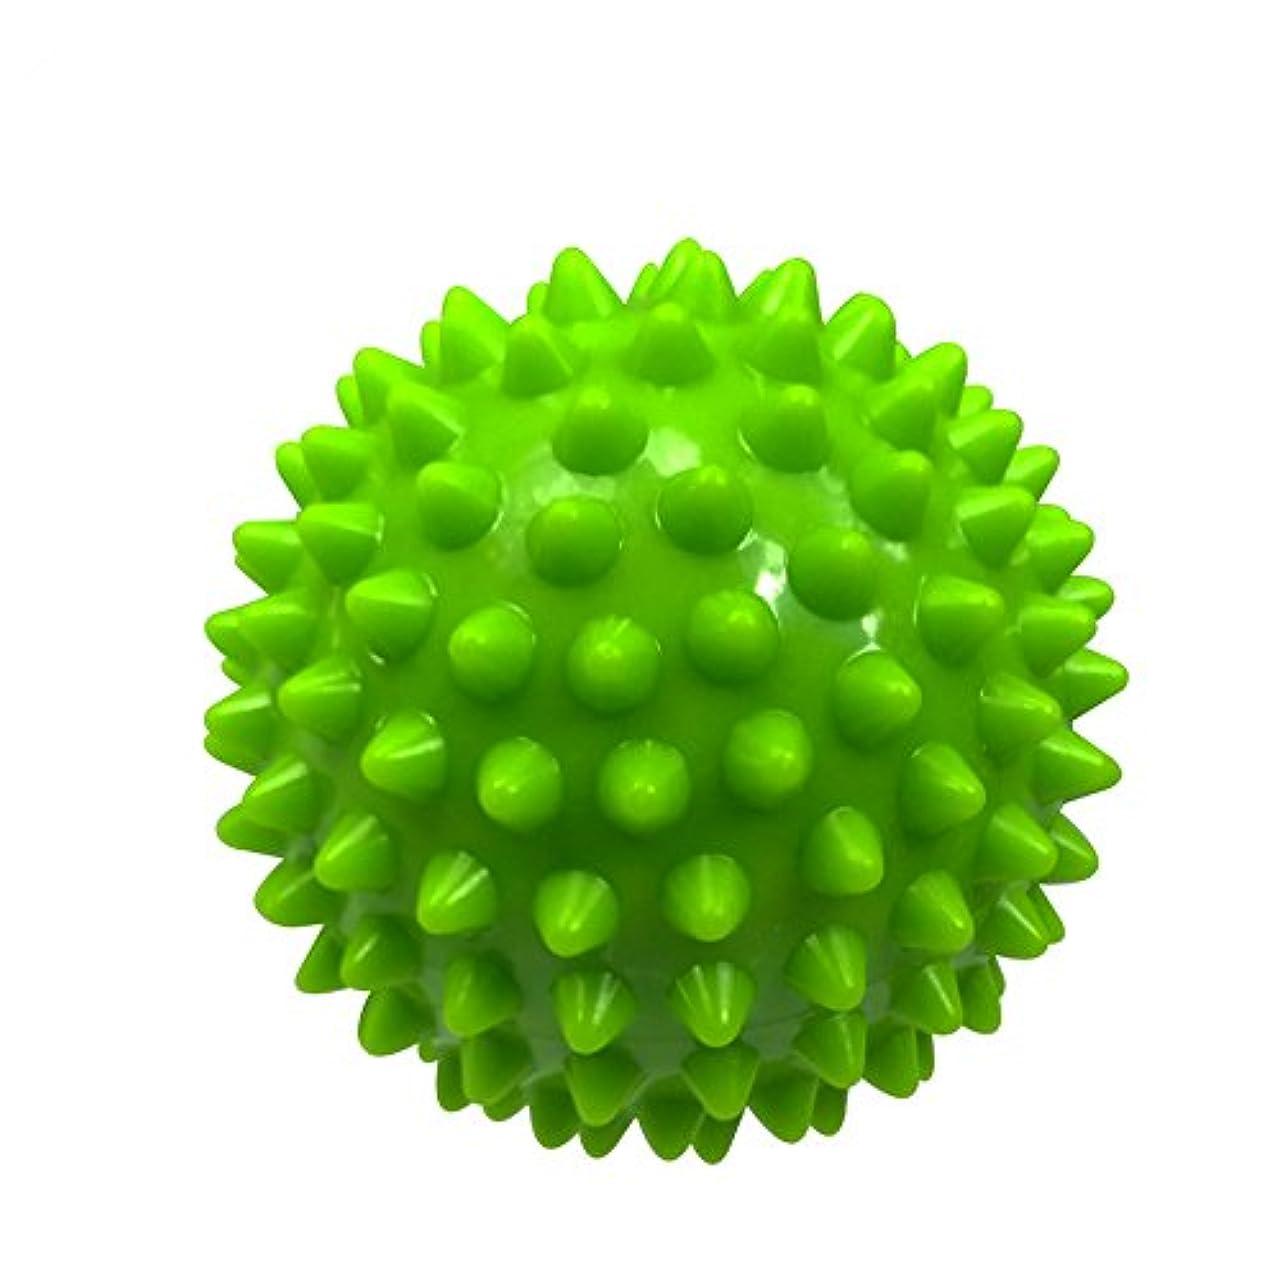 急速な目を覚ます混合したHomeland マッサージボール 足つぼマッサージ 指先強化 血液循環促進 グリーン